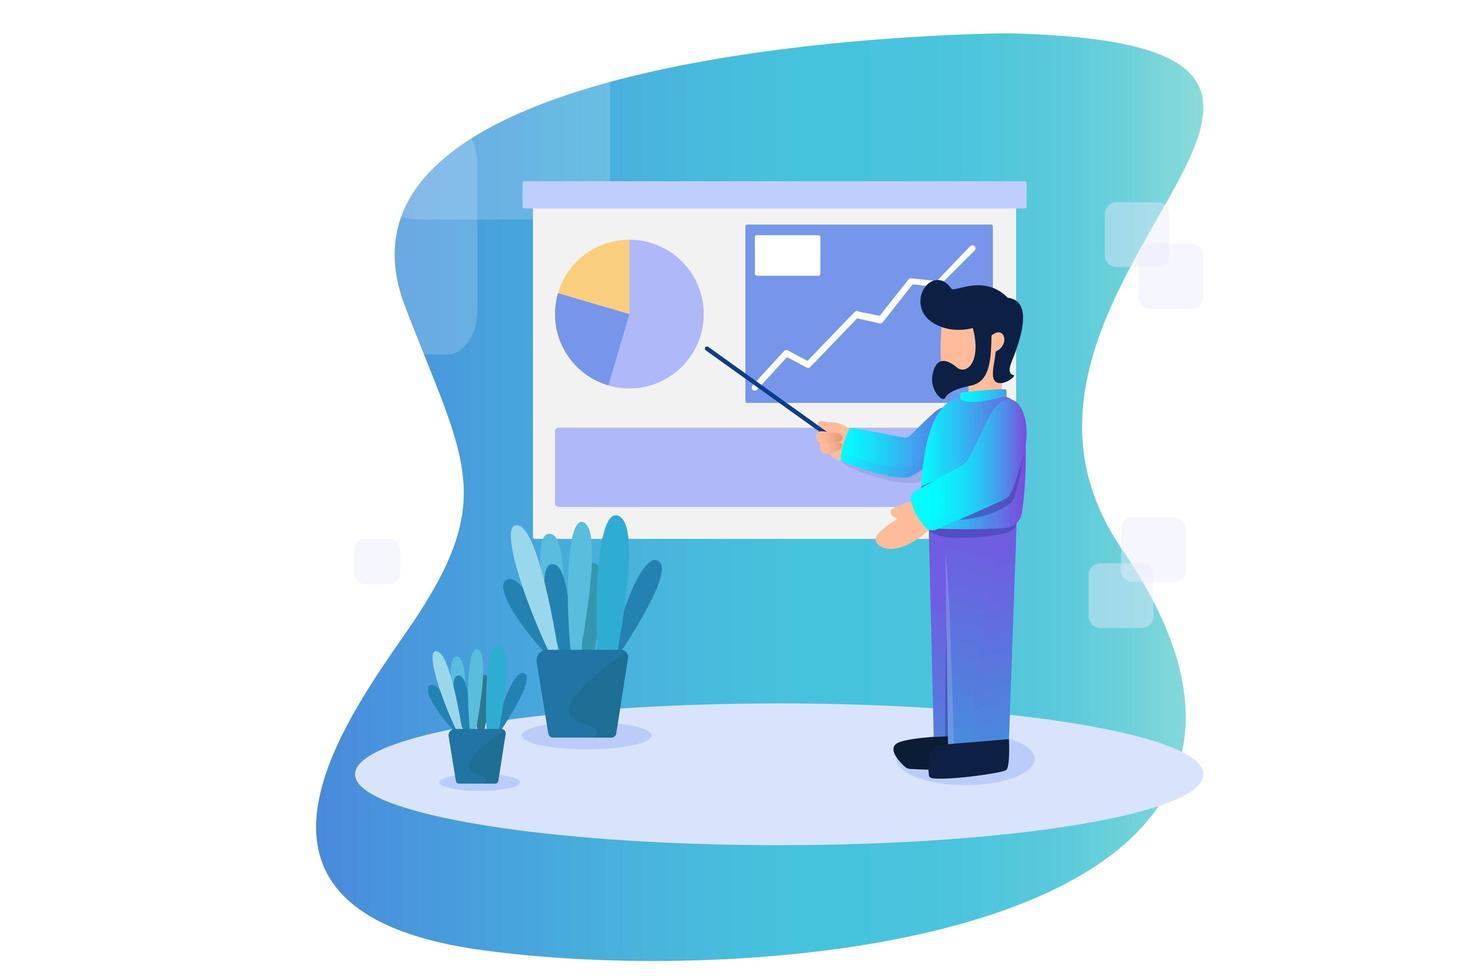 homme affaires, présentation, analytique, résultats, concept, illustration vecteur